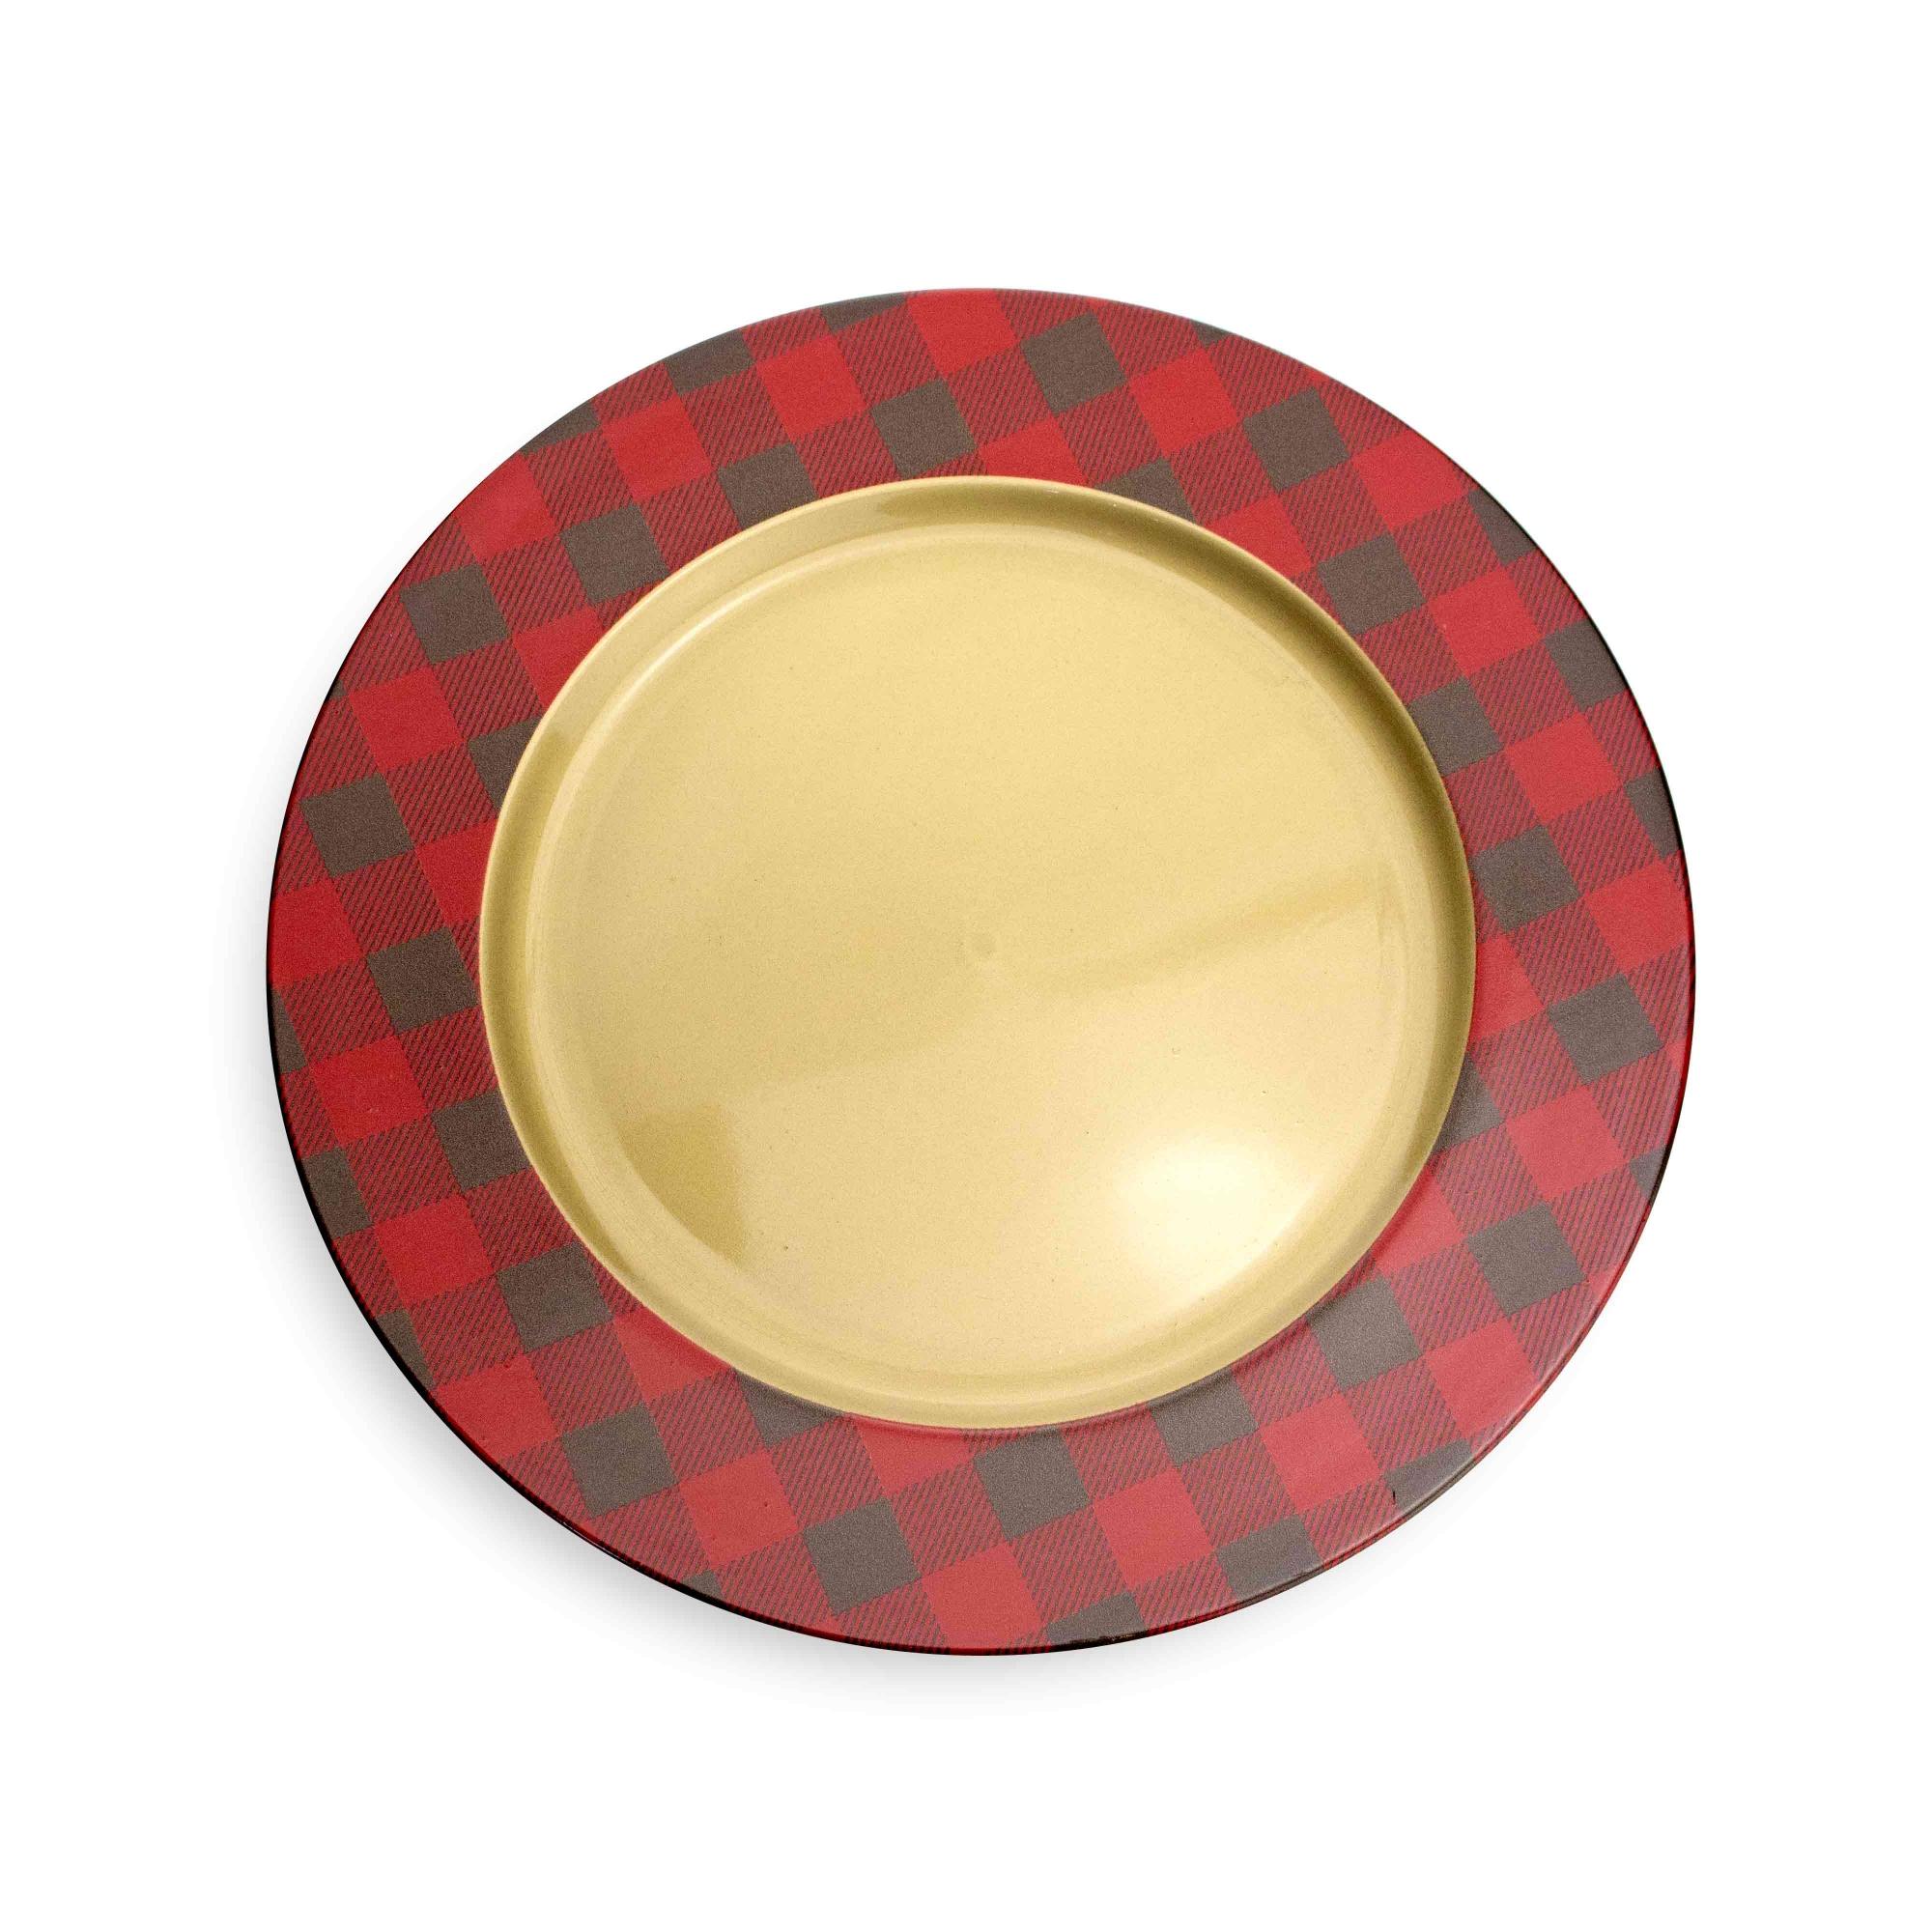 Sousplat de Plástico Xadrez Vermelho e Dourado 33 cm - D'Rossi